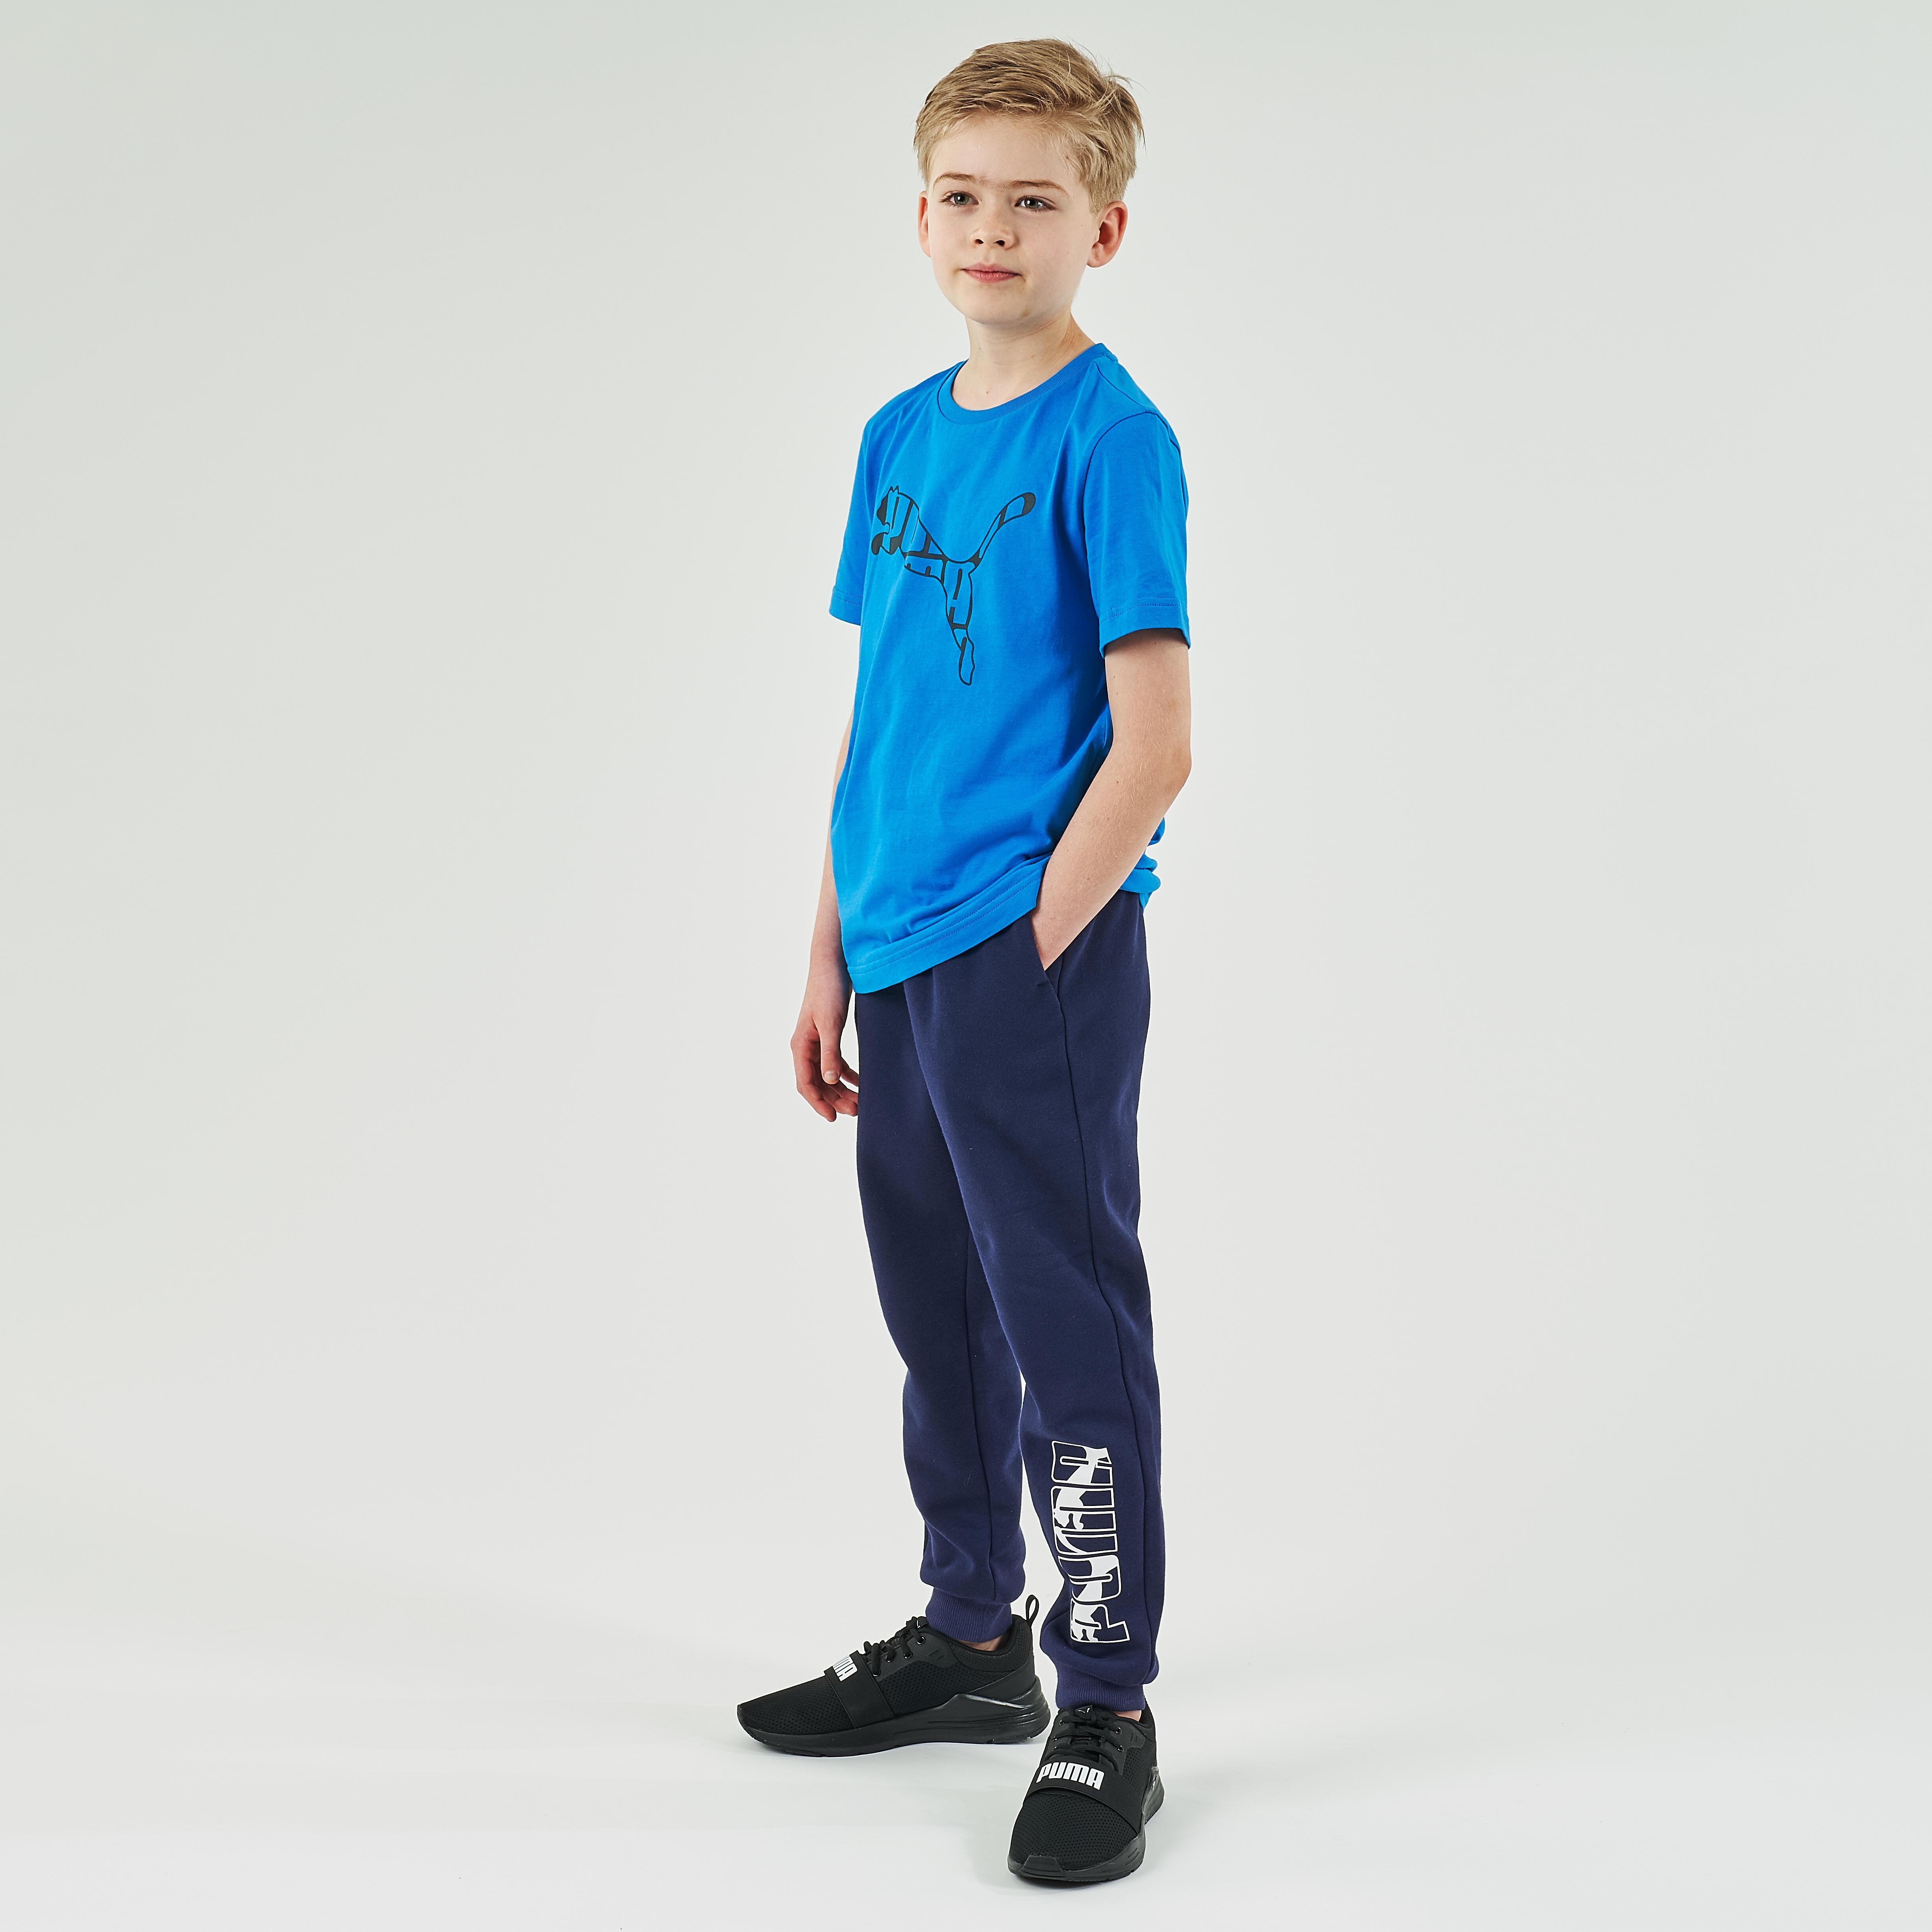 Jogginghose Puma Kinder marineblau mit Print